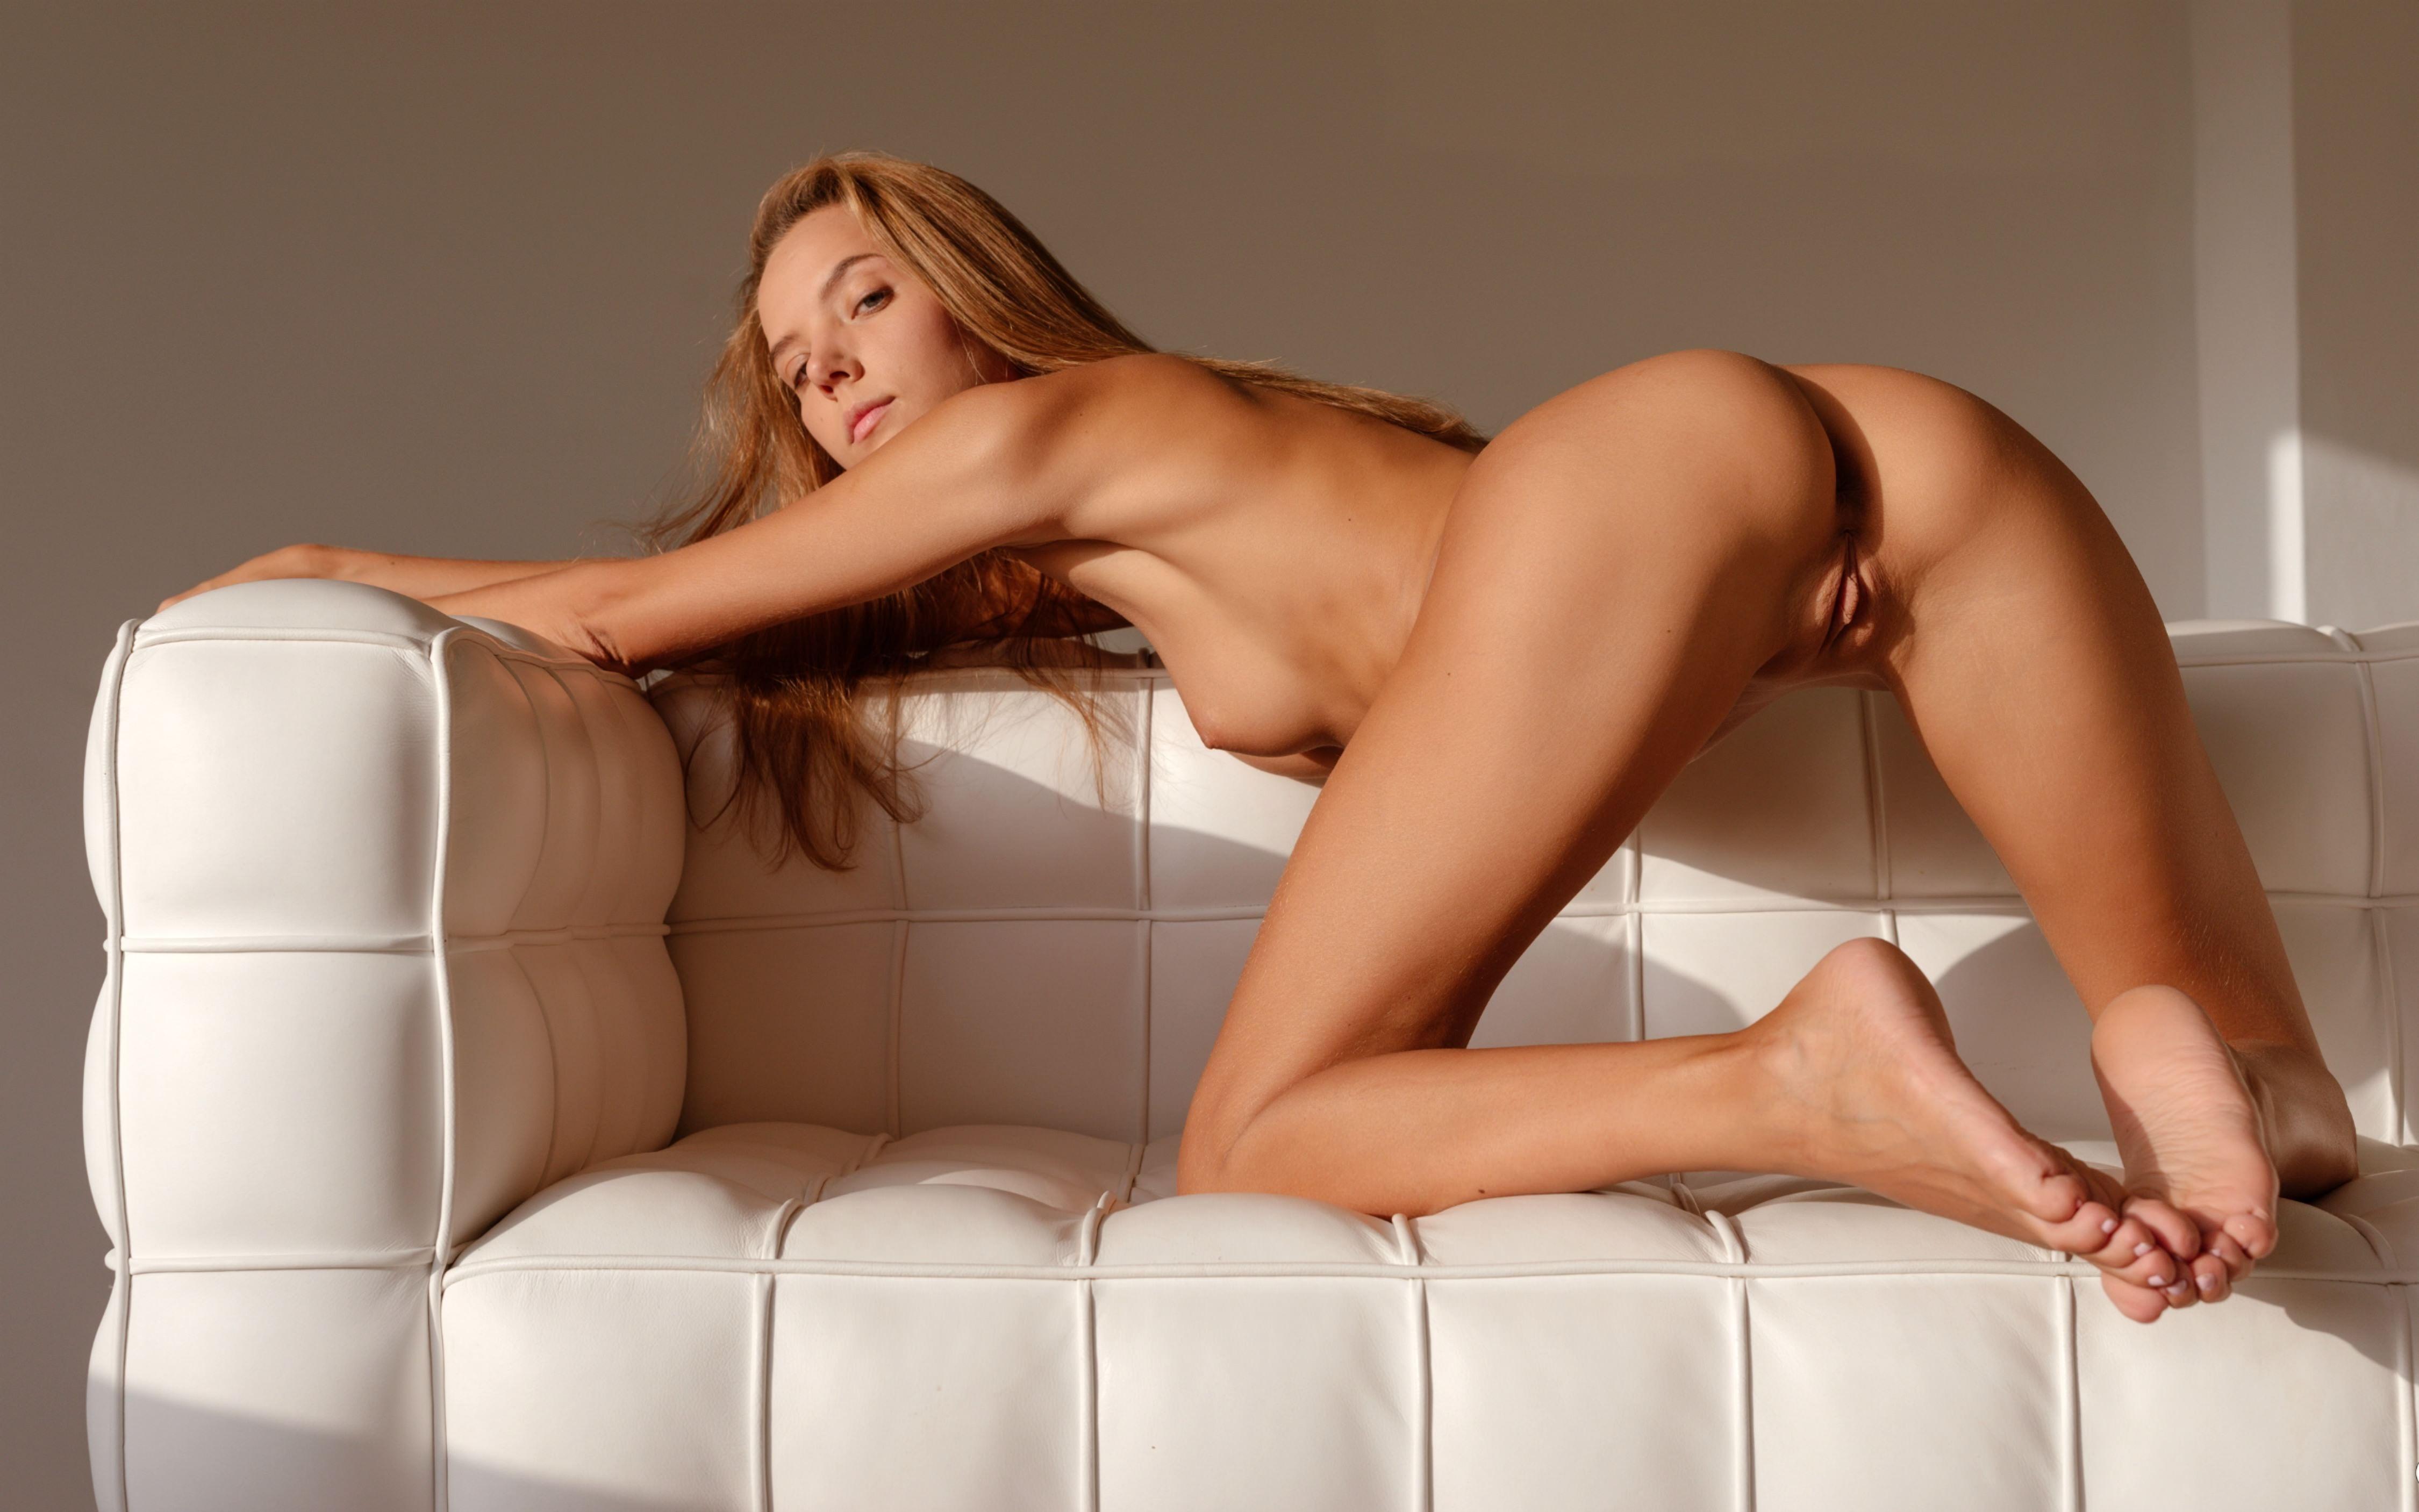 Фото Голая загорелая девушка раком ни белом кожаном диване, секси попа, скачать картинку бесплатно